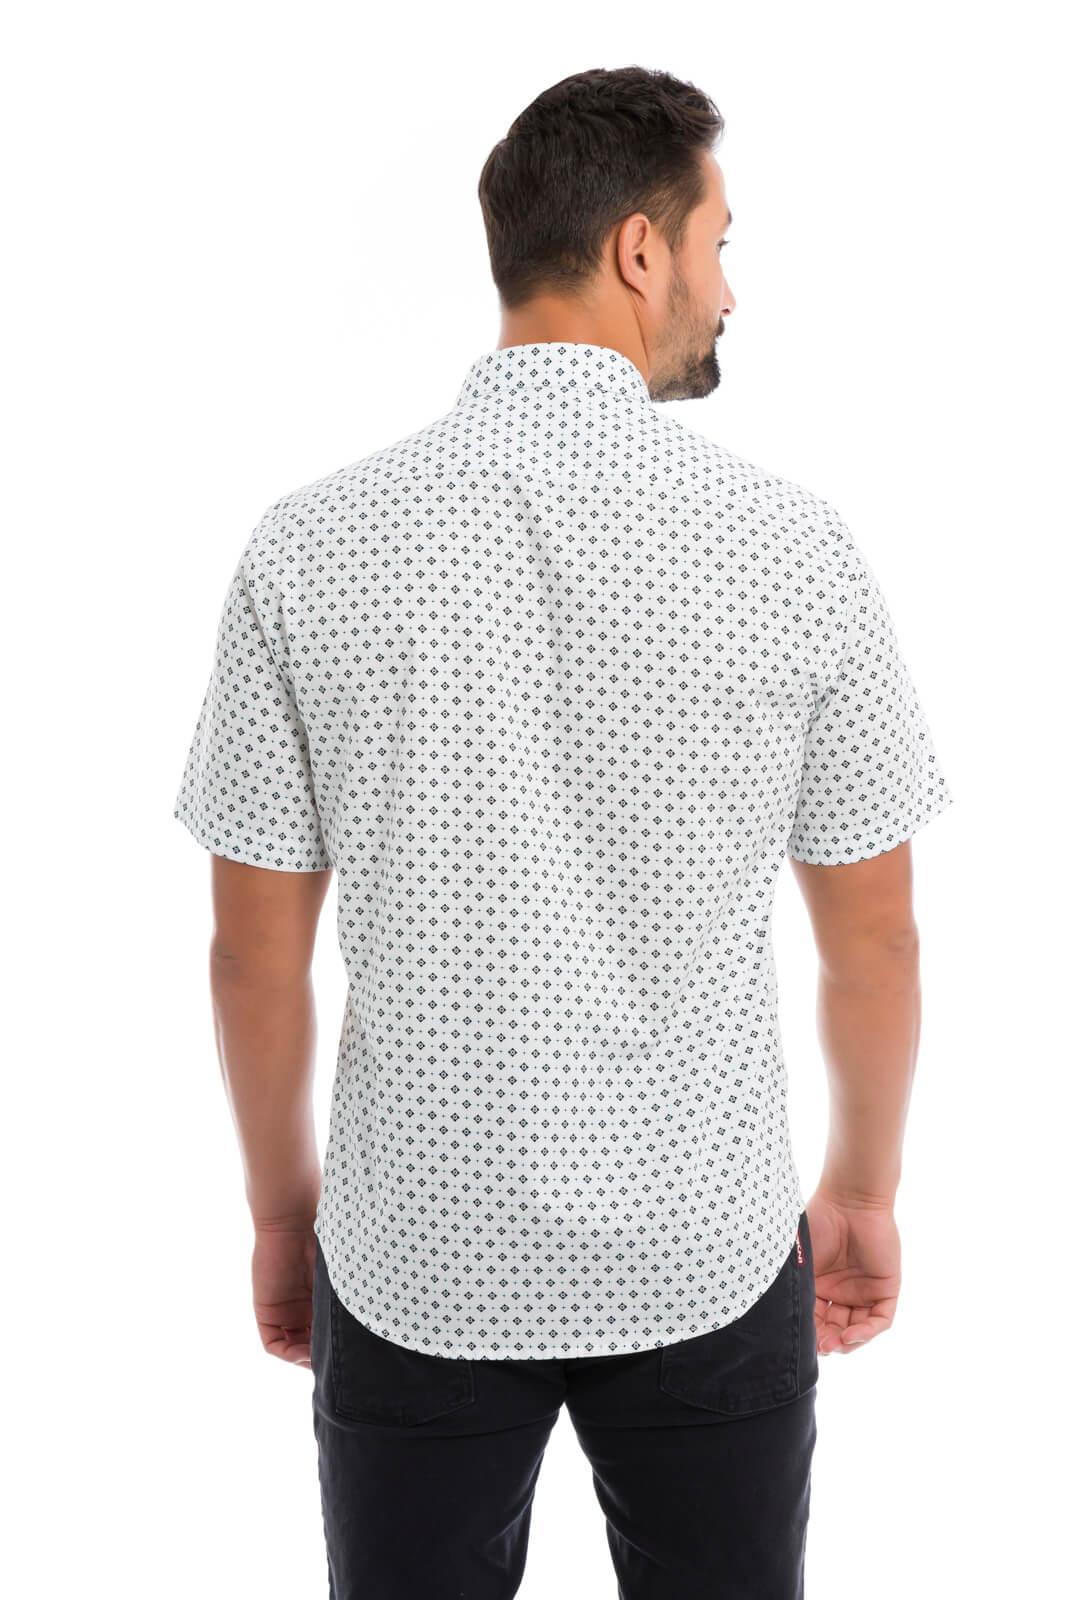 Camisa Social Masculina Slim Olimpo Estampada 100% Algodão Fio 50 Manga Curta Branca